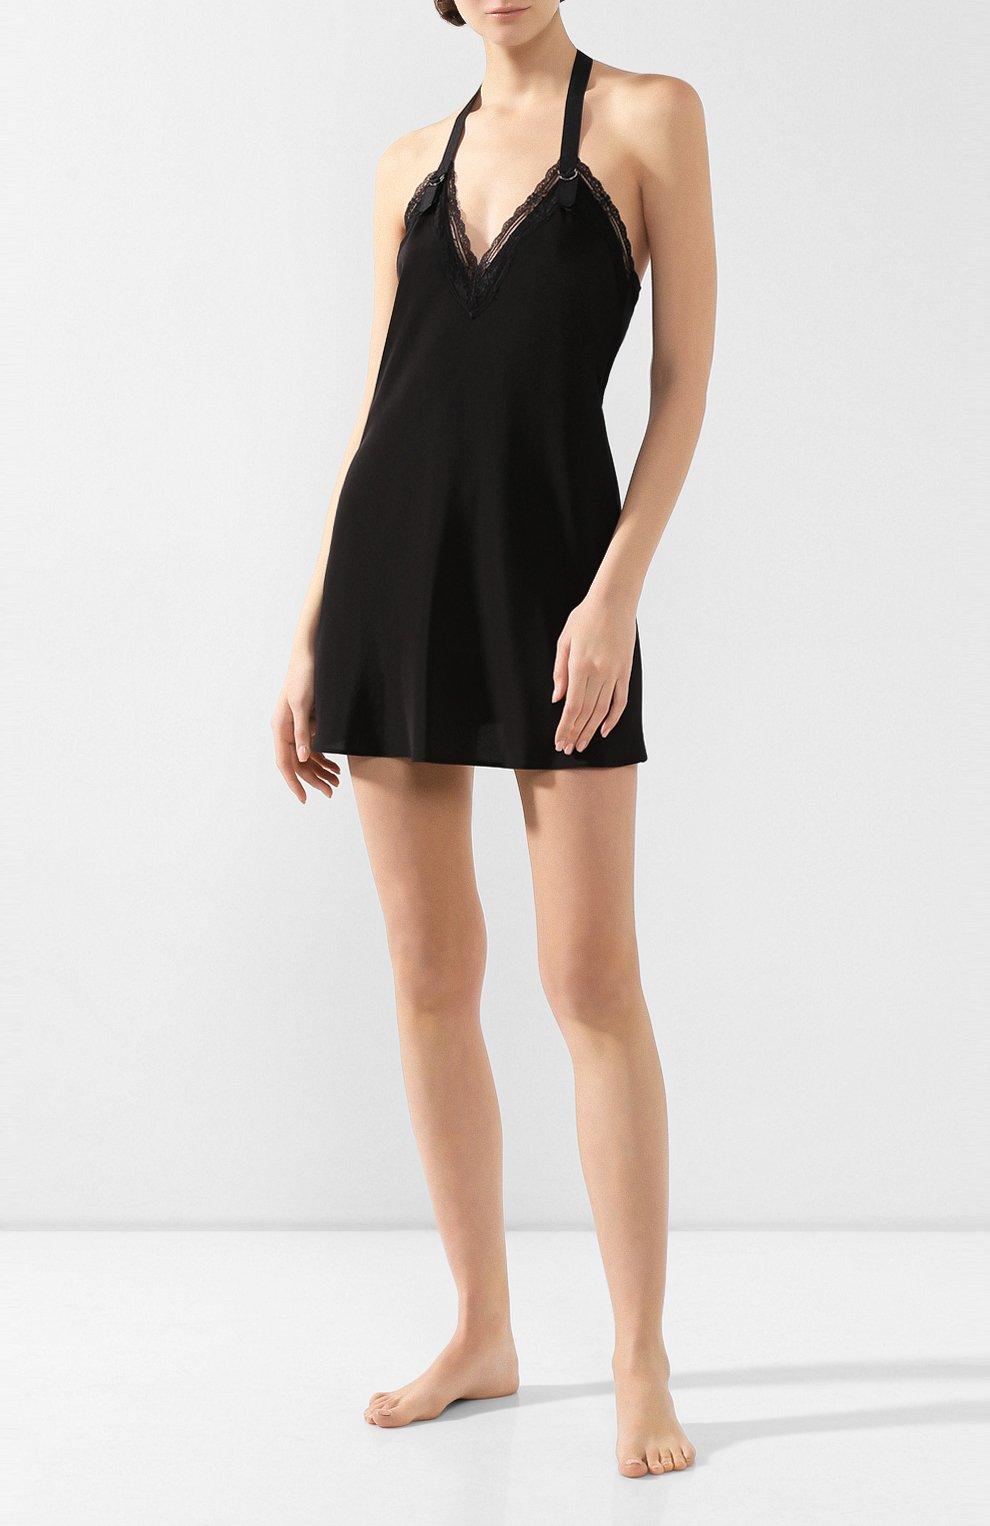 Женская сорочка CHANTAL THOMASS черного цвета, арт. TC44_чер | Фото 2